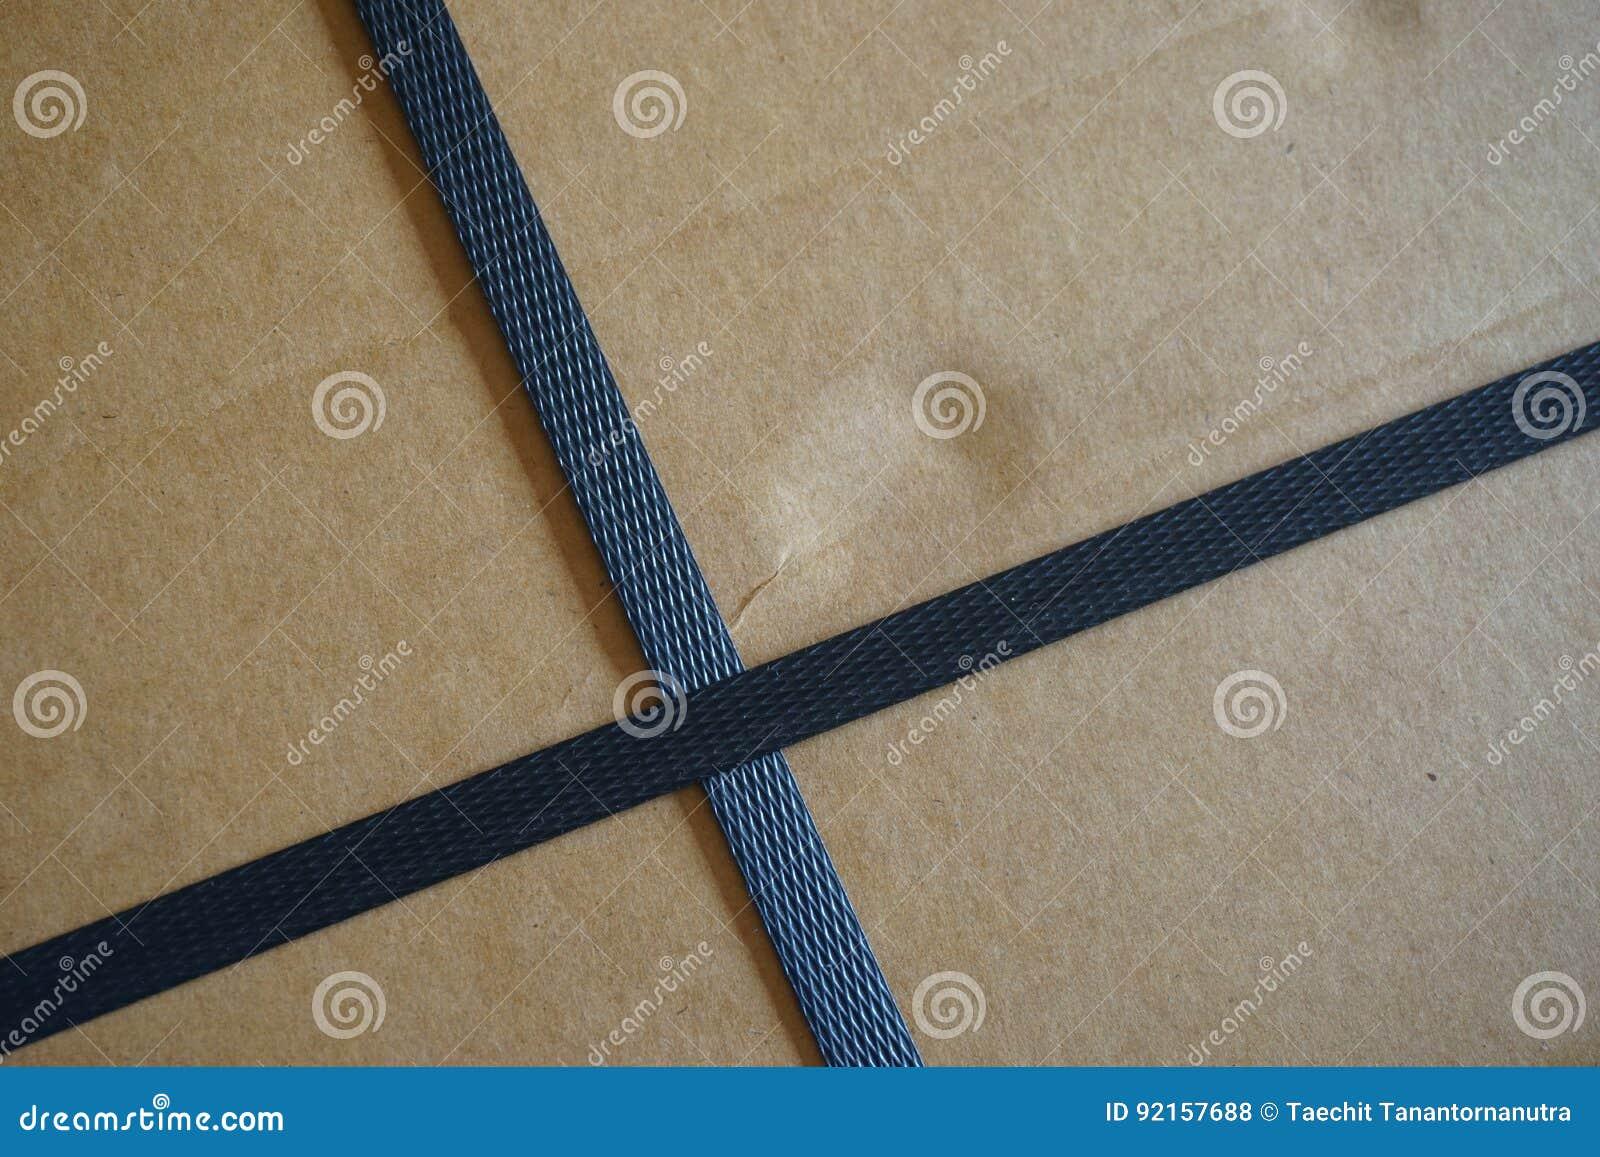 有皮带的纸盒箱子